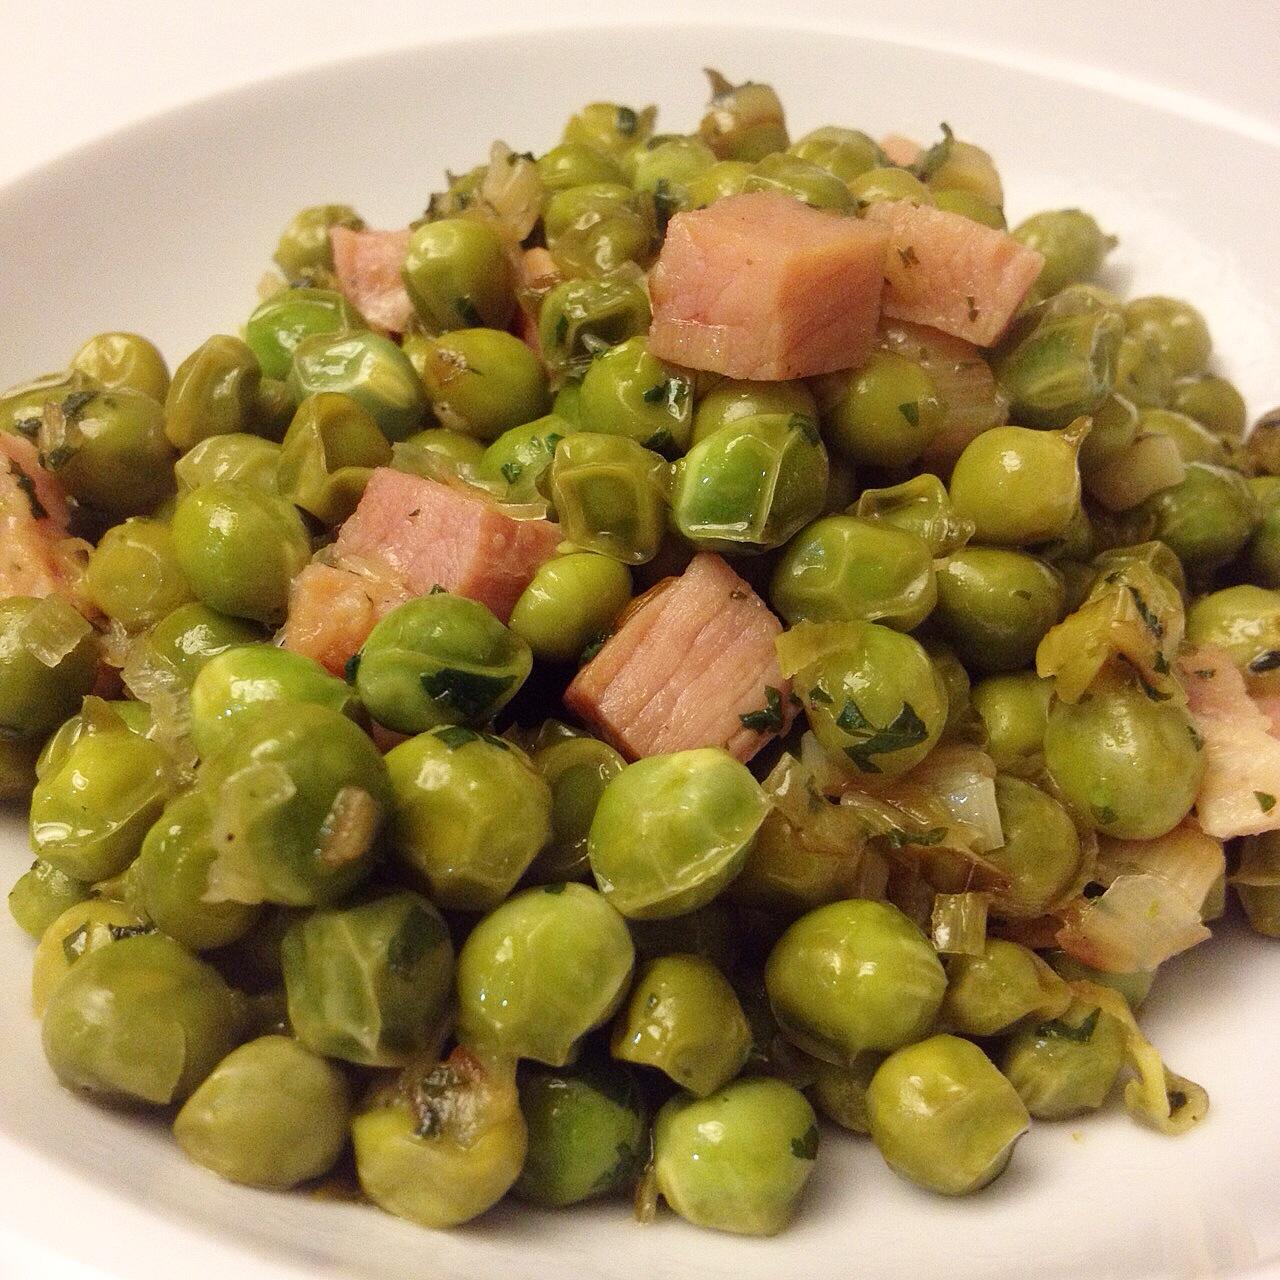 recepta-pesols-amb-pernil-dolç